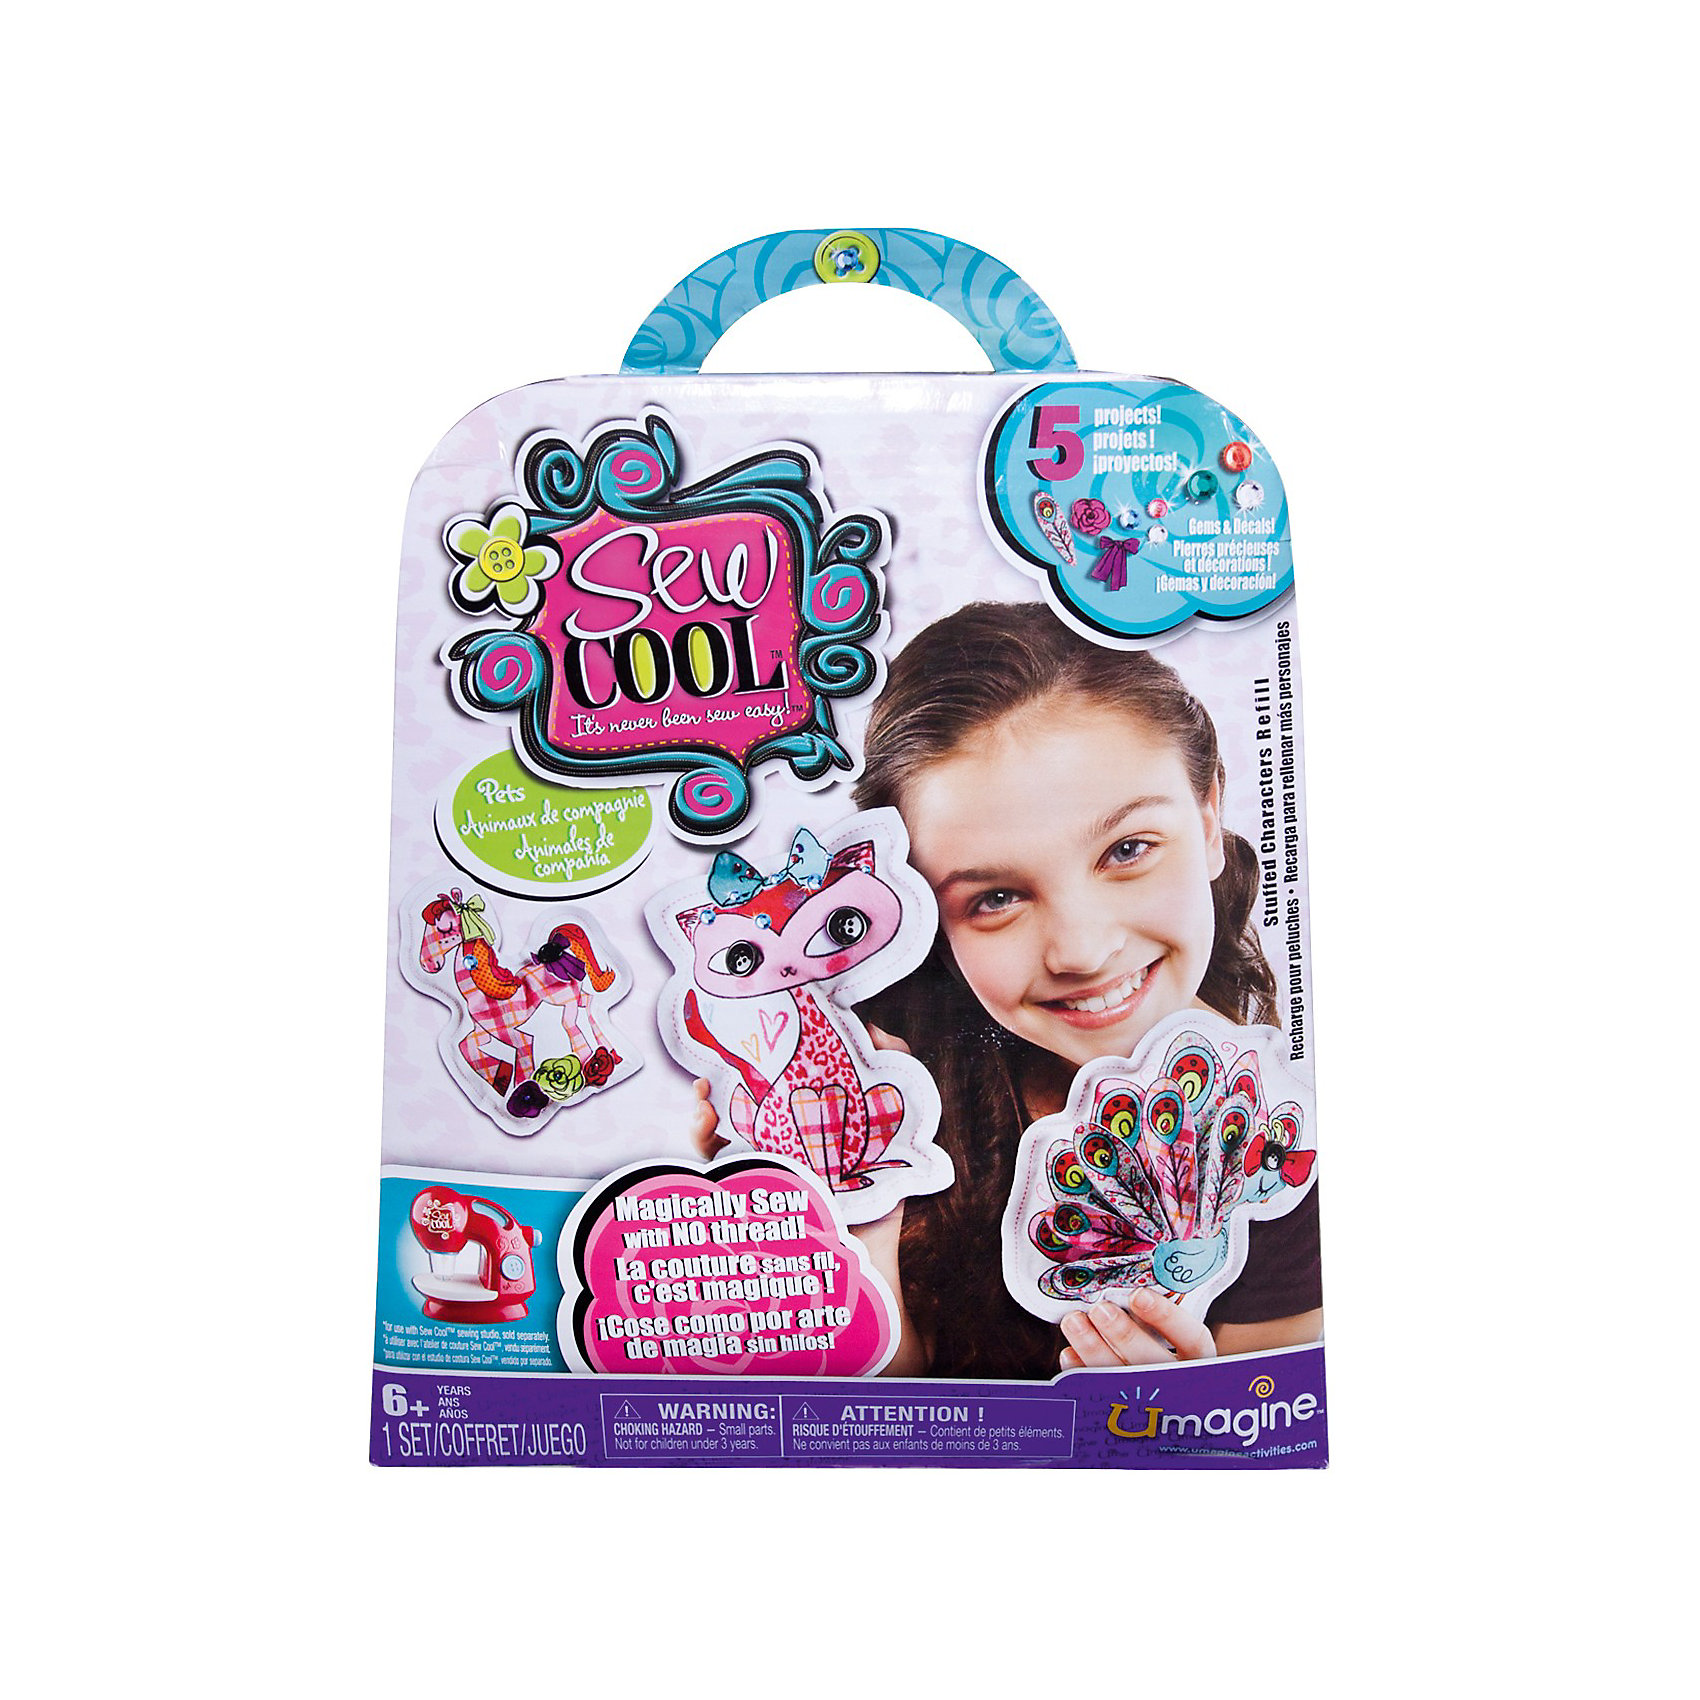 Набор для шитья, мягкие игрушки, Sew CoolНабор для шитья Мягкие игрушки, Sew Cool (Сью Кул) от Spin Master (Спинмастер) - увлекательный набор для творчества, который обязательно порадует юную рукодельницу. С помощью входящих в комплект кусочков ткани и различных деталей она сможет сшить множество ярких игрушек-подушек. Процесс изготовления не представляет больших сложностей, нужно лишь сшить кусочки ткани согласно инструкции, заполнить получившуюся подушечку ватином и украсить пуговками и аппликациями. <br><br>Дополнительная информация:<br><br>- В комплекте: 10 заготовок ткани (для 5 игрушек), 30 маленьких тканевых аппликаций (цветочки), 25 страз, ватин для наполнения игрушек, 8 пуговиц, инструкция.<br>- Материал: текстиль.<br>- Размер упаковки: 20 х 23 х 5 см.<br>- Вес: 0,24 кг.<br><br>Набор для шитья Мягкие игрушки, Sew Cool от Spin Master (Спин Мастер) можно купить в нашем интернет-магазине.<br><br>Ширина мм: 200<br>Глубина мм: 230<br>Высота мм: 50<br>Вес г: 240<br>Возраст от месяцев: 72<br>Возраст до месяцев: 120<br>Пол: Унисекс<br>Возраст: Детский<br>SKU: 3759669